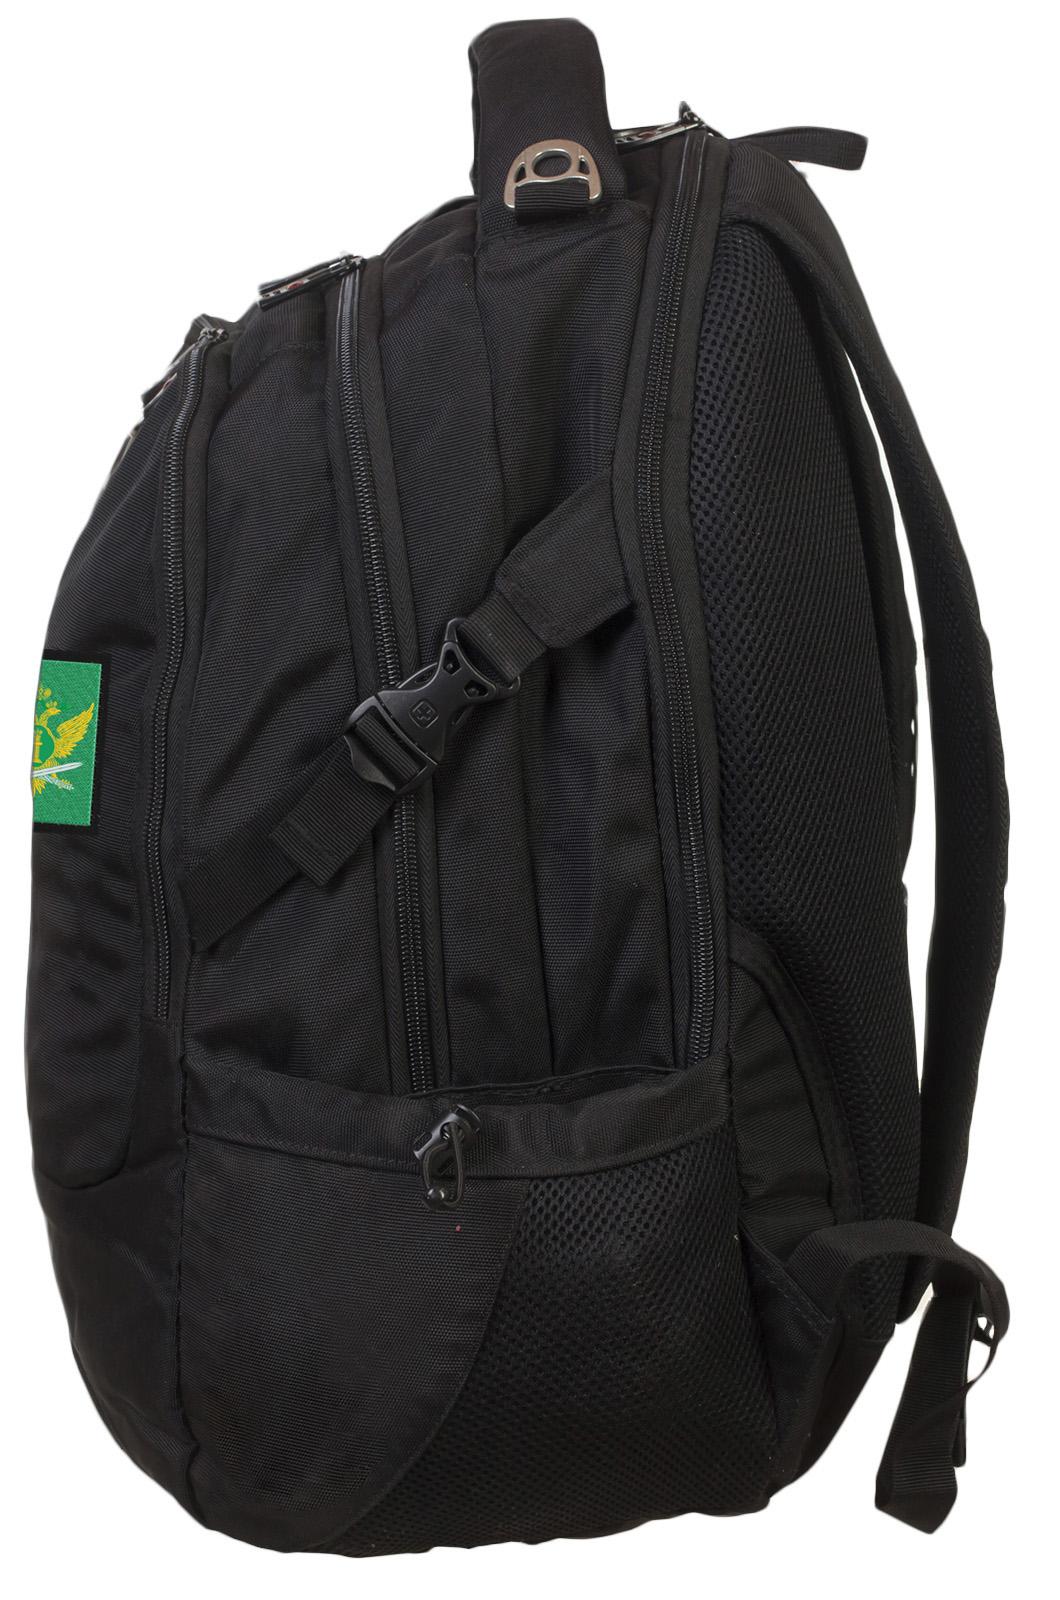 Универсальный вместительный рюкзак с нашивкой ФСПП - заказать онлайн